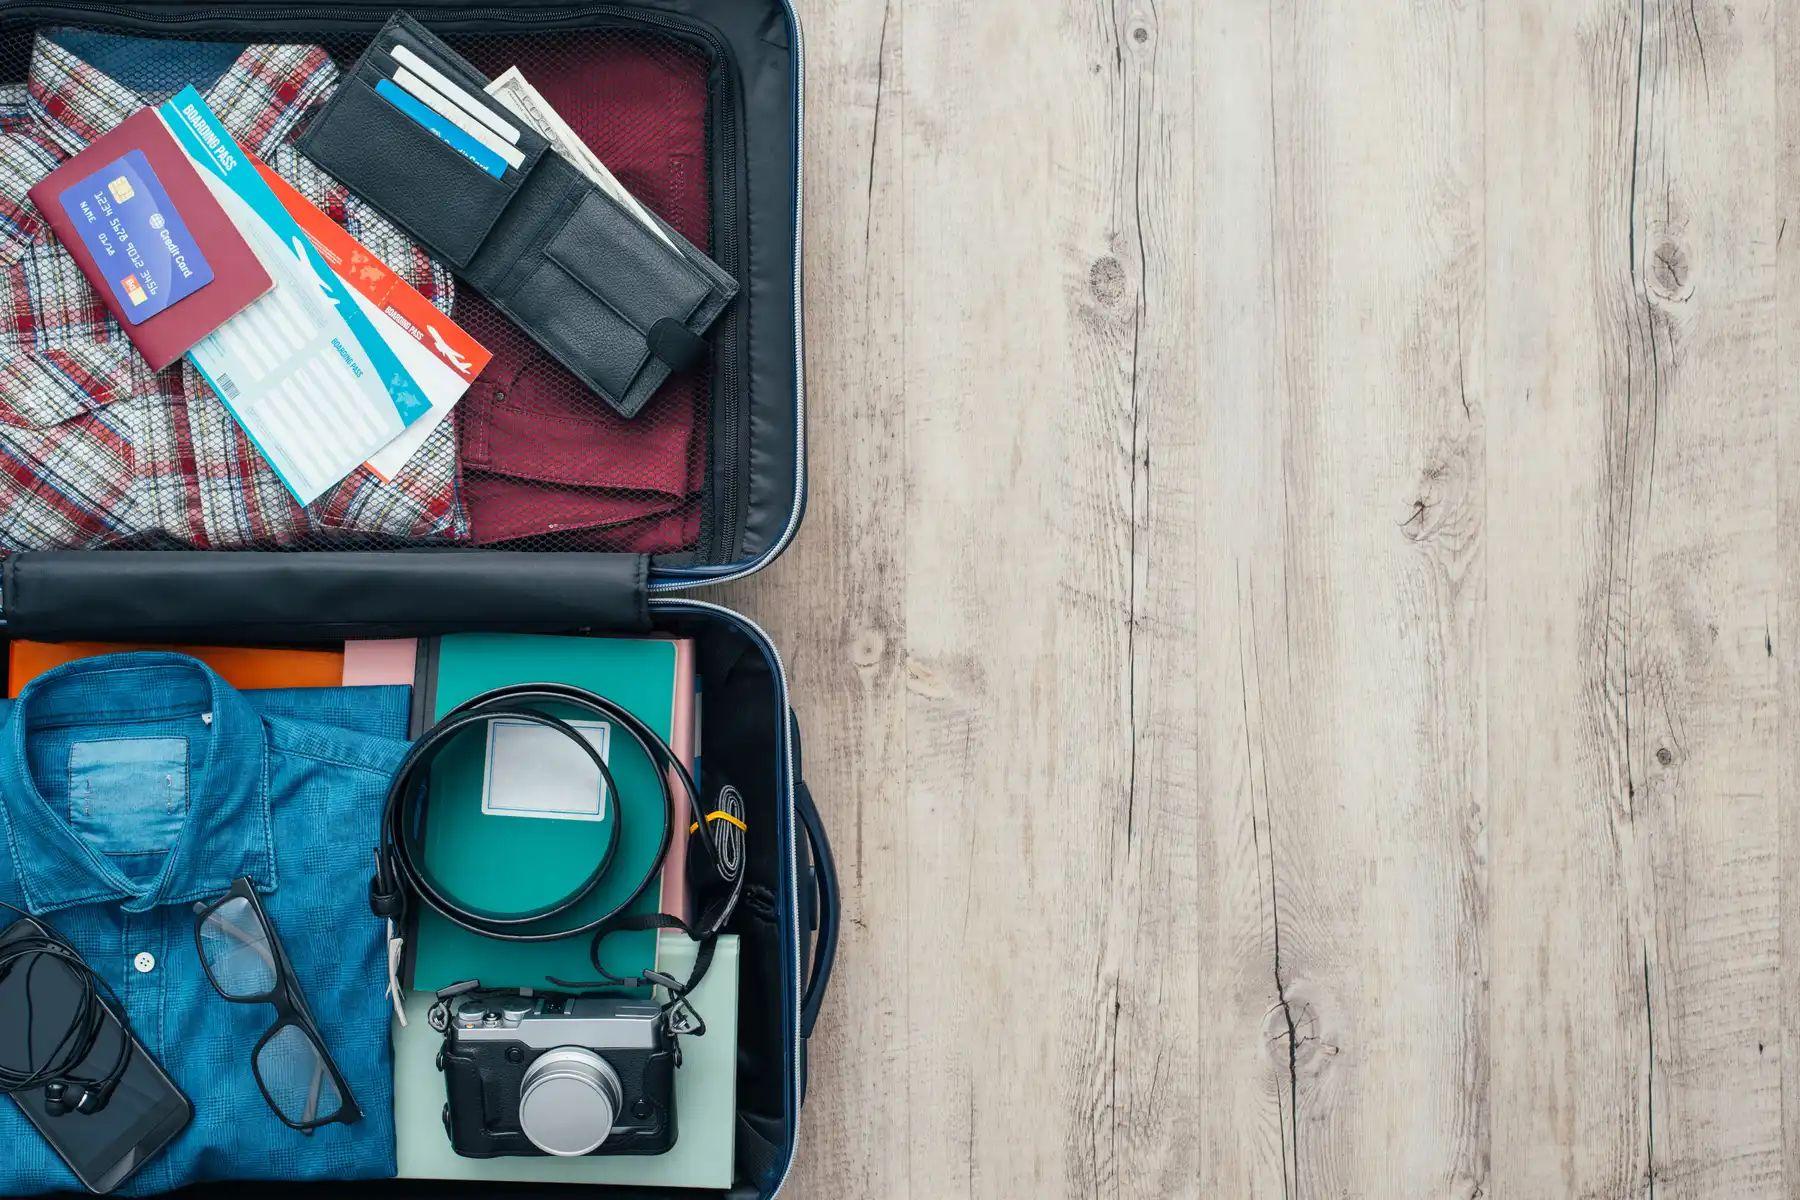 sắp xếp đồ đạc vào trong vali